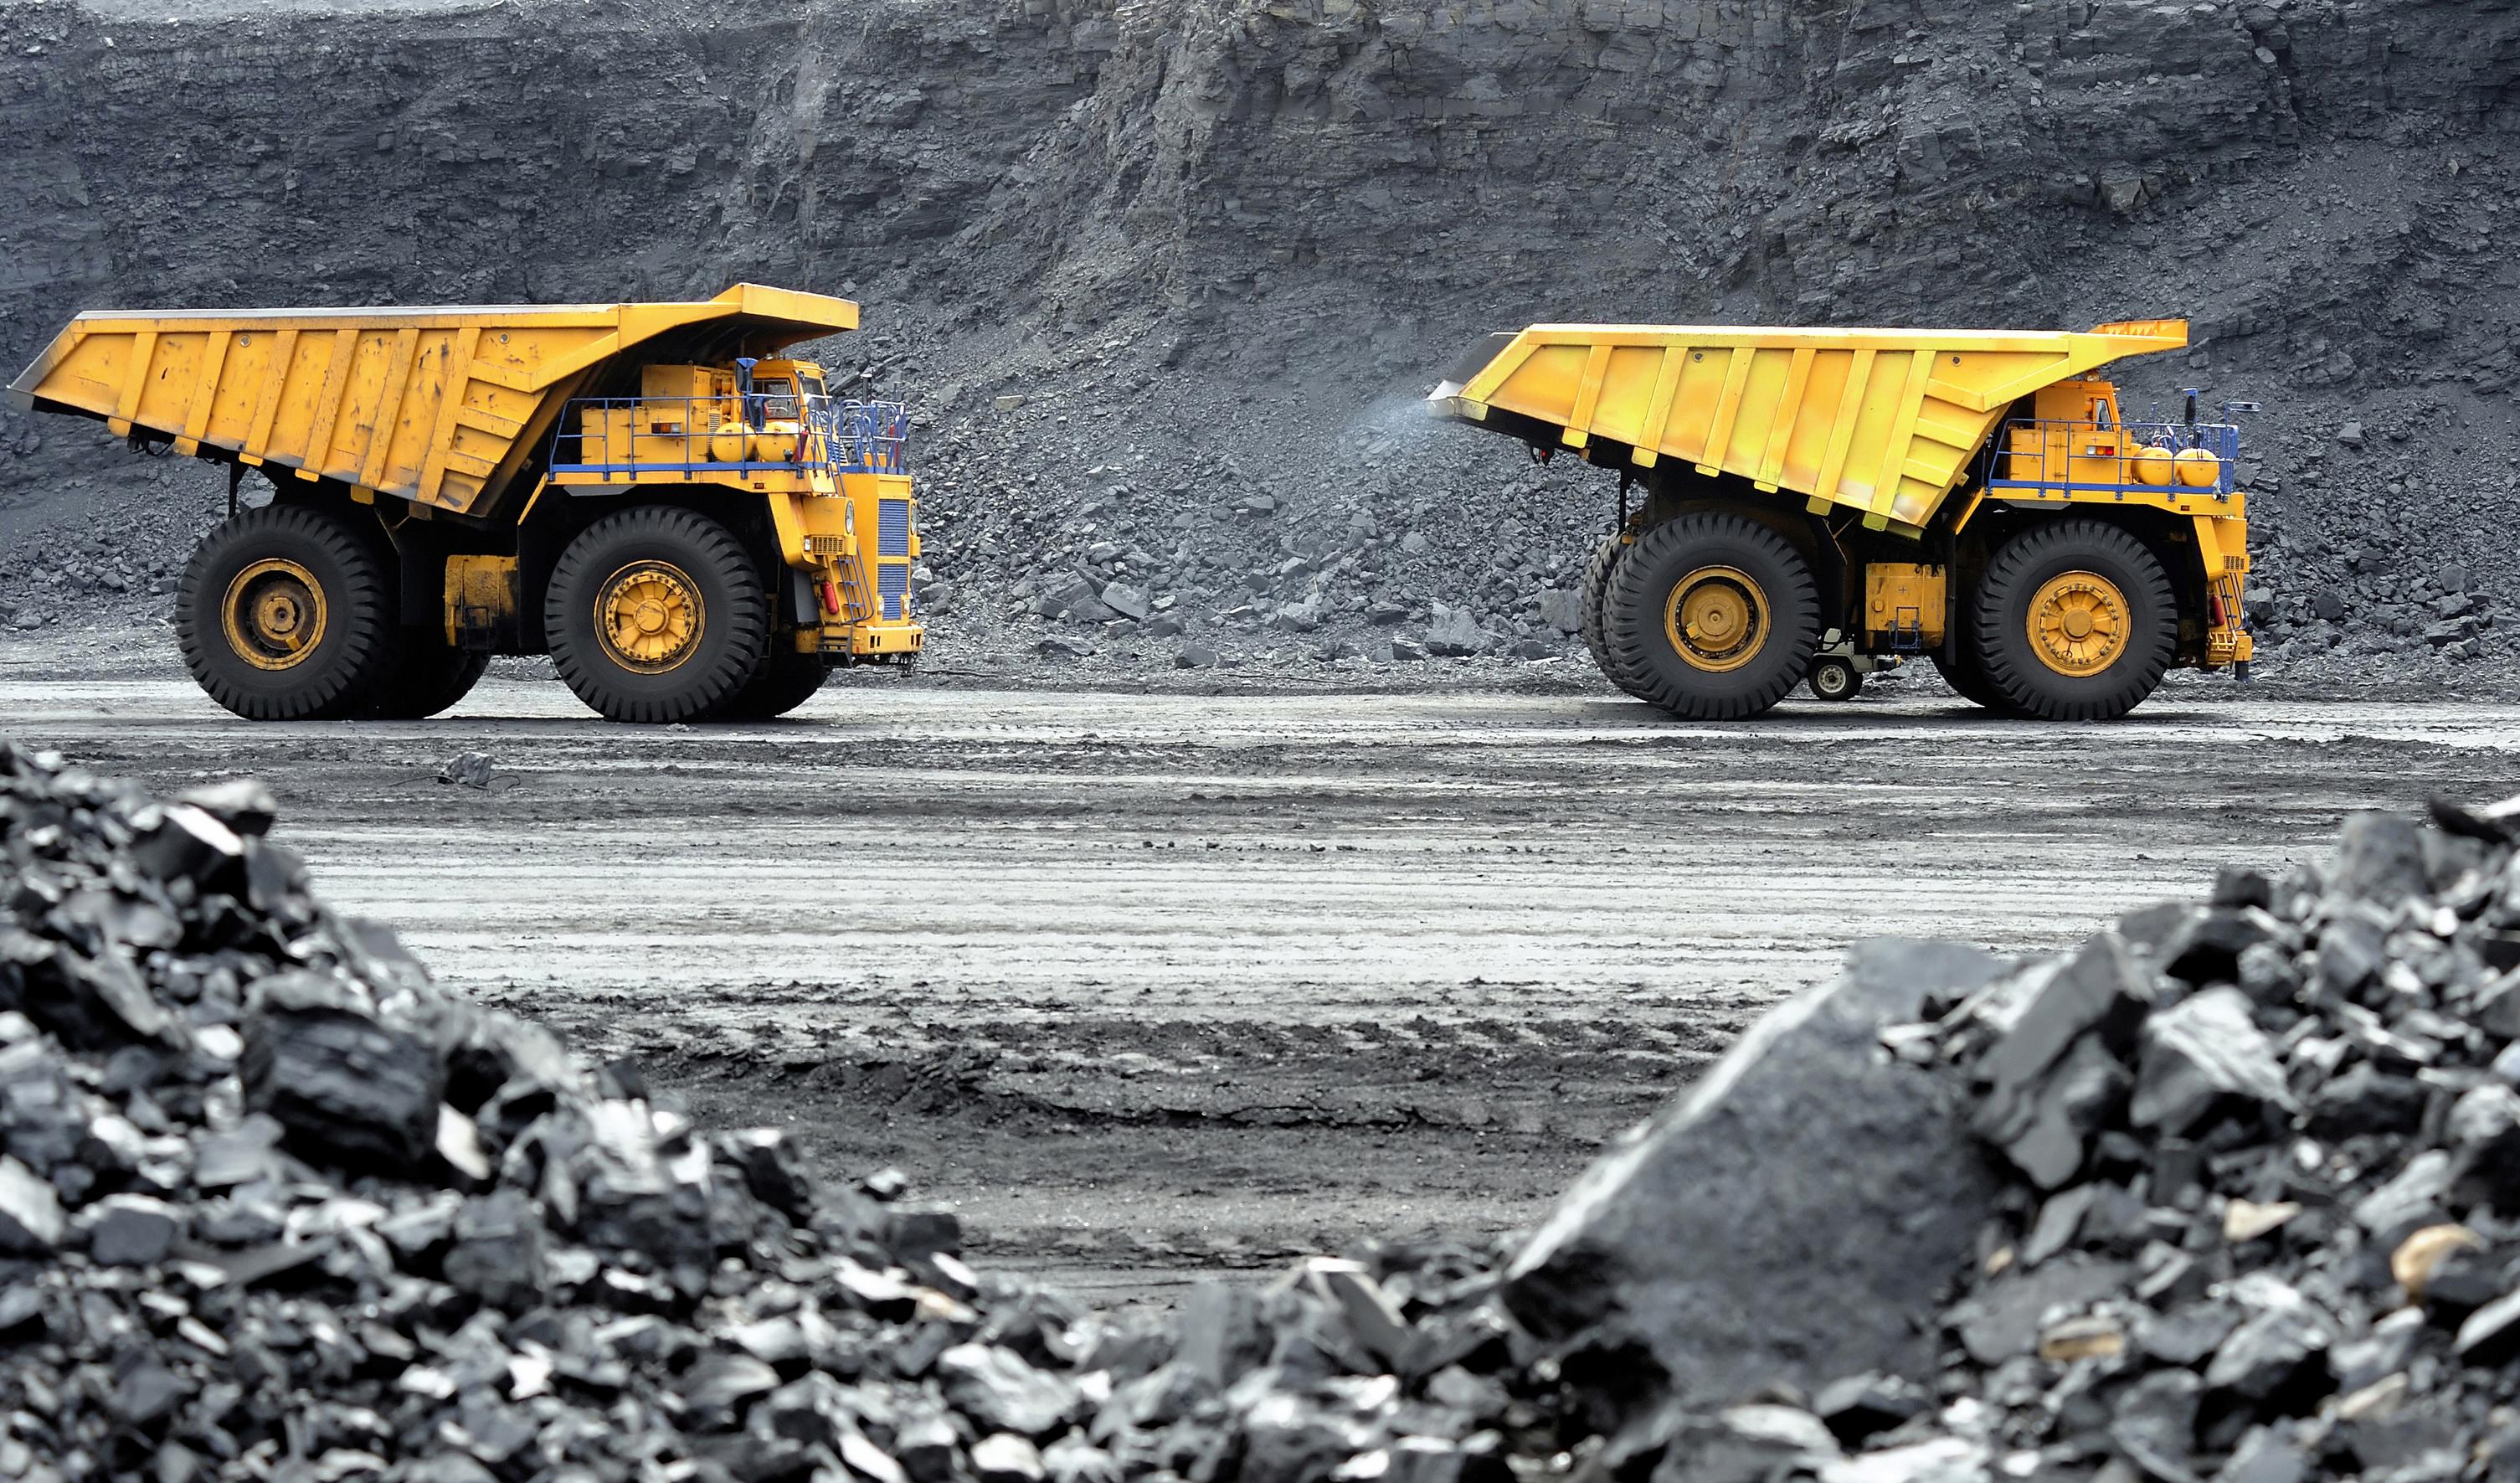 رشد متوسط ۱۰ درصدی تولیدات بخش معدن وصنایع معدنی